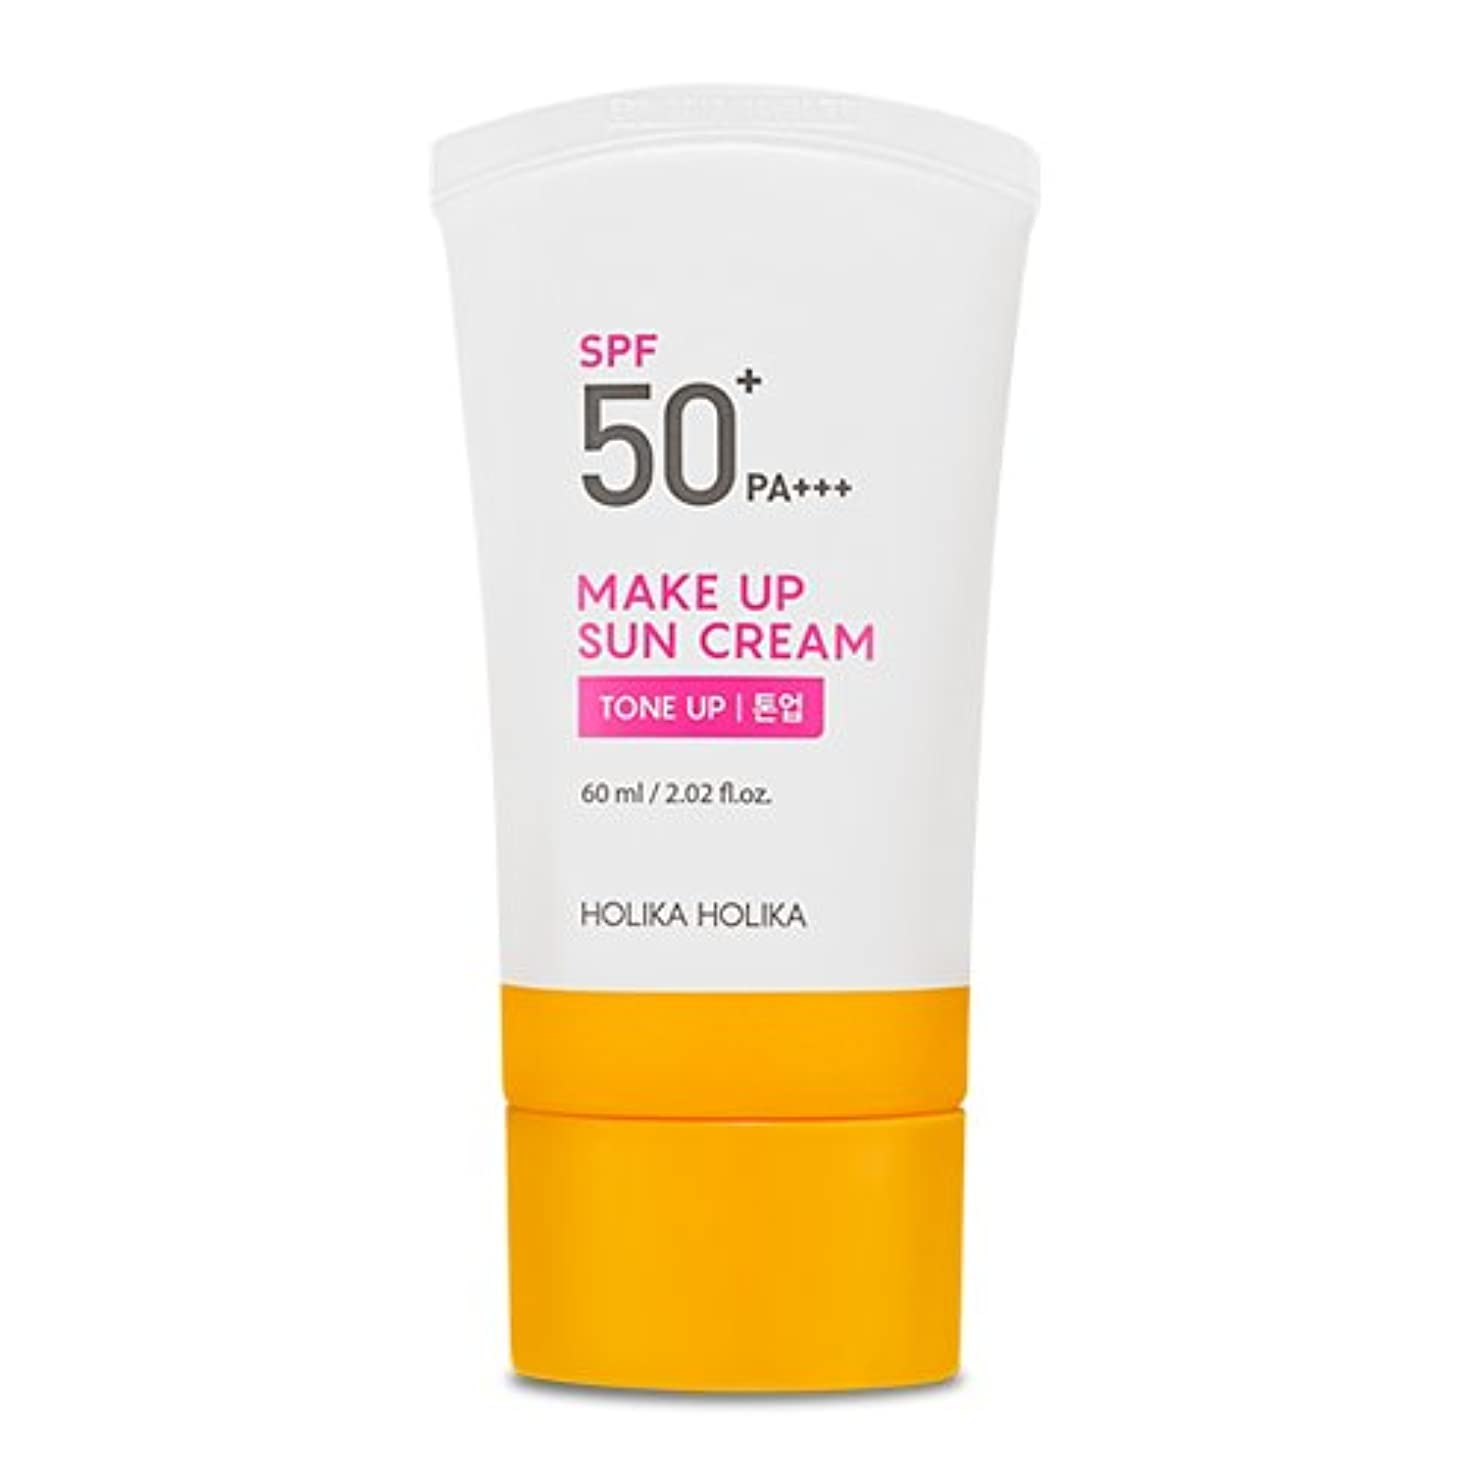 テニス休憩海洋の[2018]ホリカホリカ メイクアップ 日焼け止めクリーム/UVケア?Holika Holika Make Up Sun Cream SPF50+ PA+++ 60ml [並行輸入品]